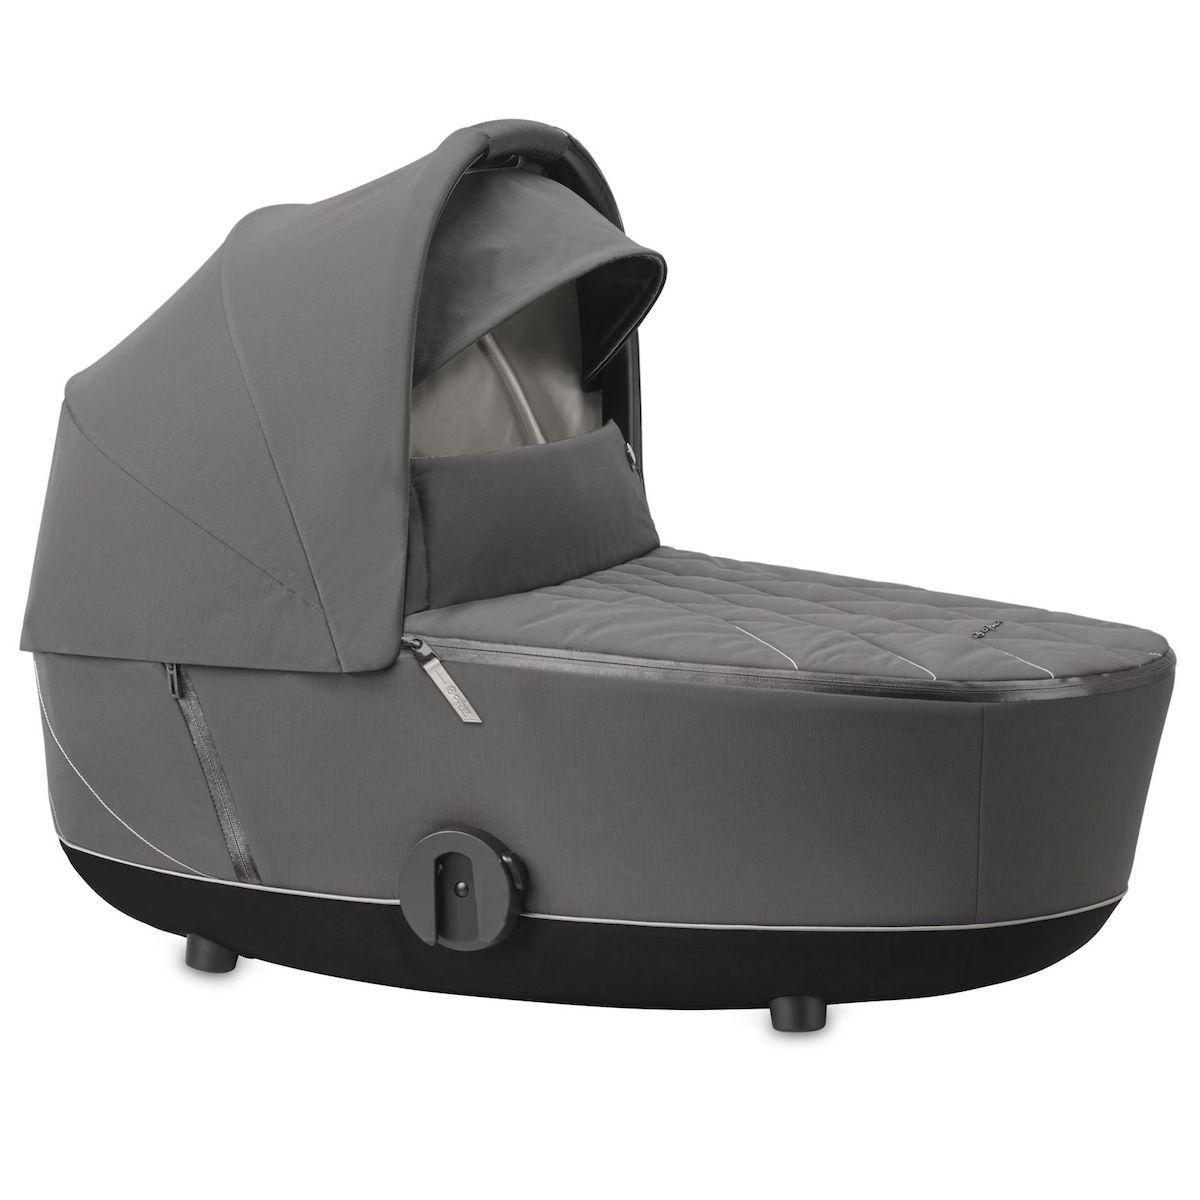 Capazo de luxe MIOS Cybex Soho grey-mid grey